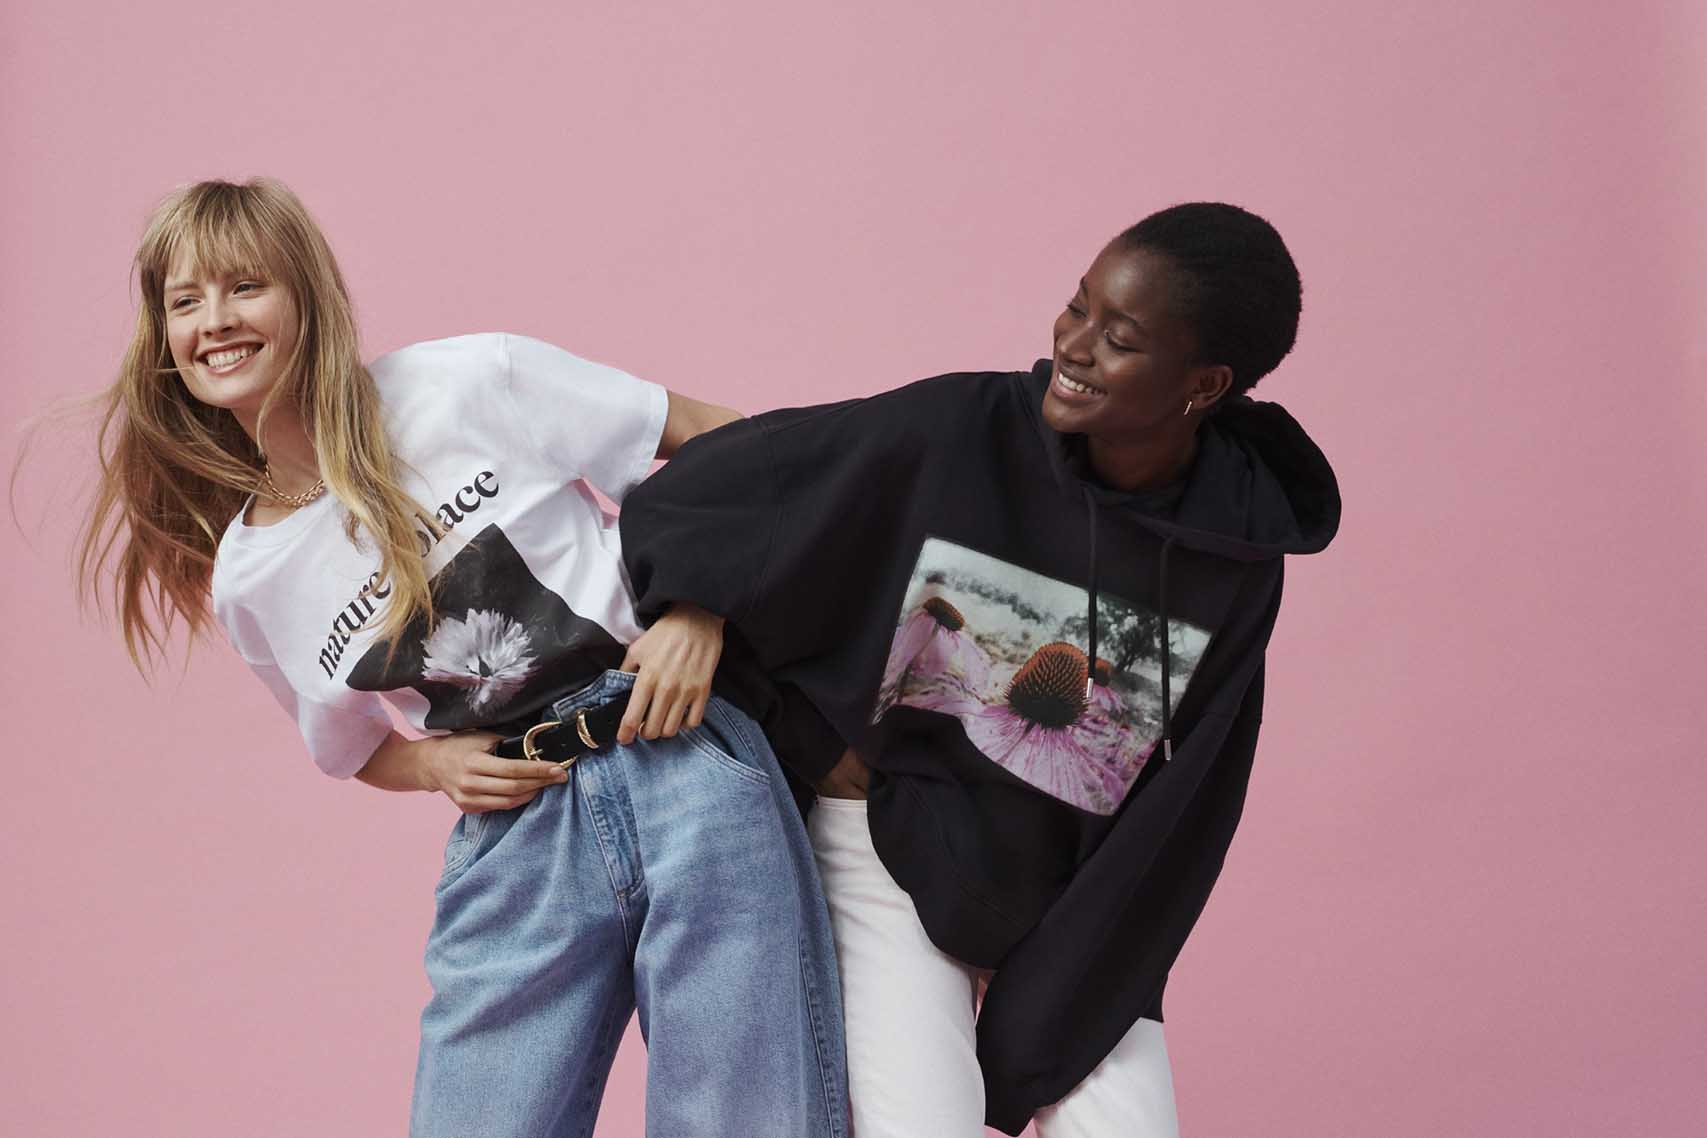 קולקציית אופנה H&M, חדשות האופנה